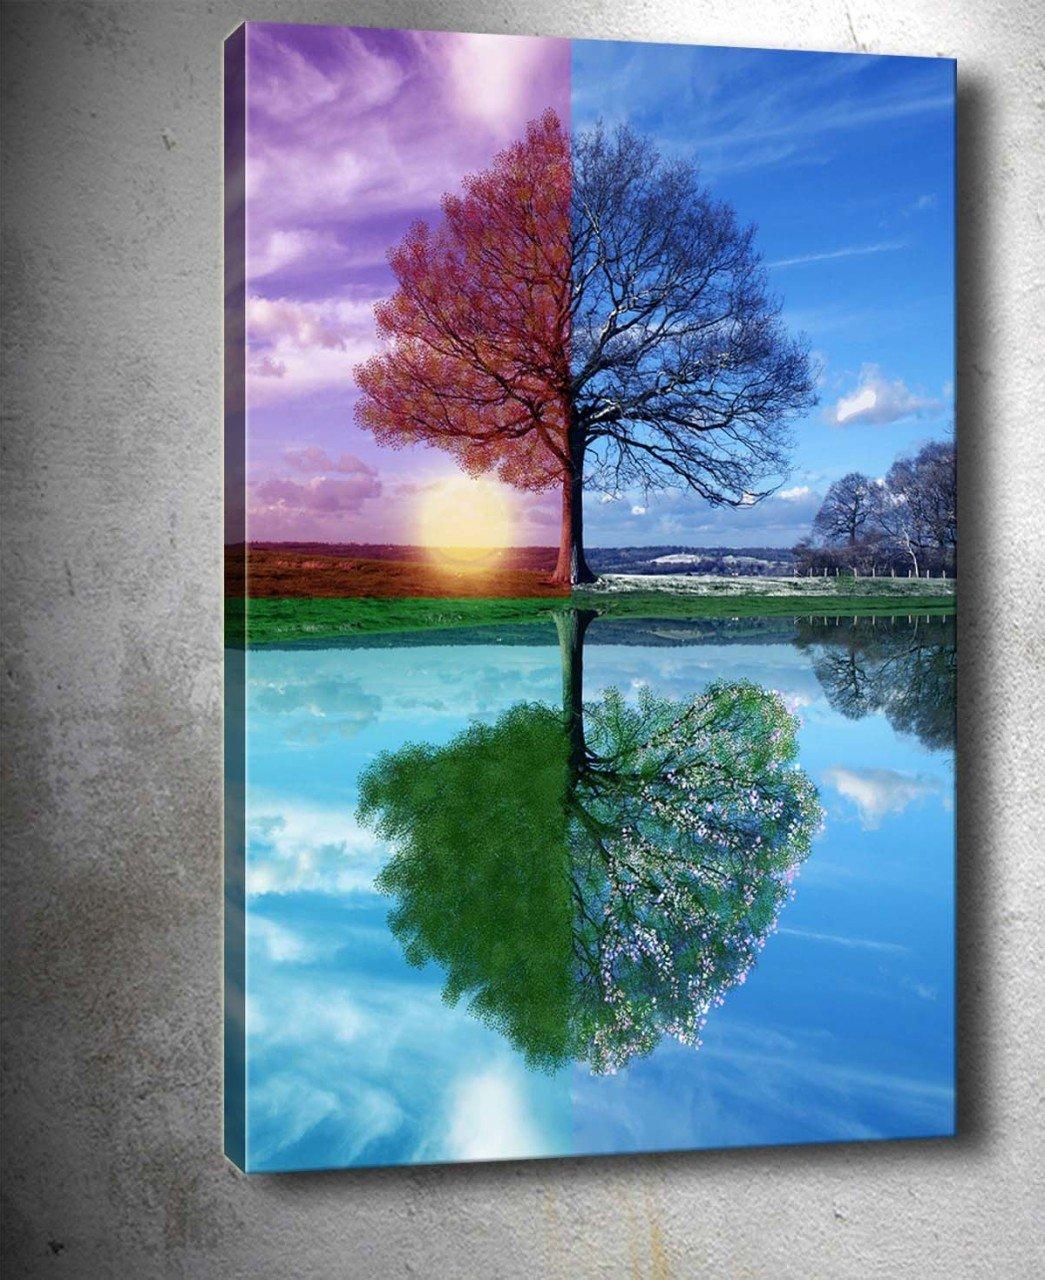 Dört Mevsim Ağaç Kanvas Tablo Dekoratif Kanvas Tablolar